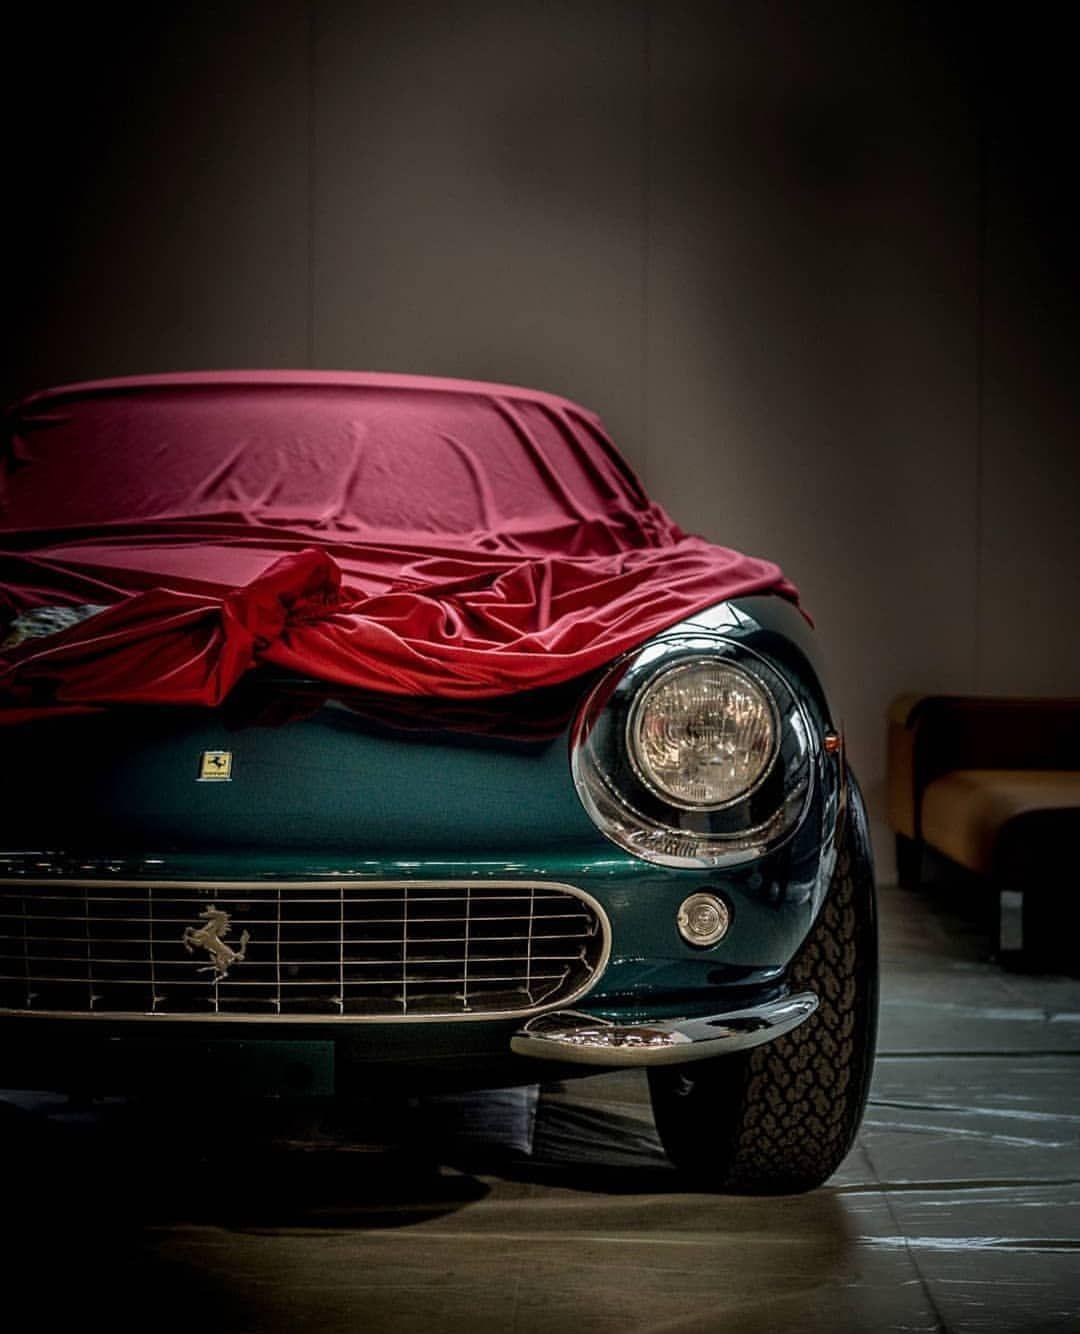 Ferrari 4x4: Classic Ferrari - Awaken The Beast